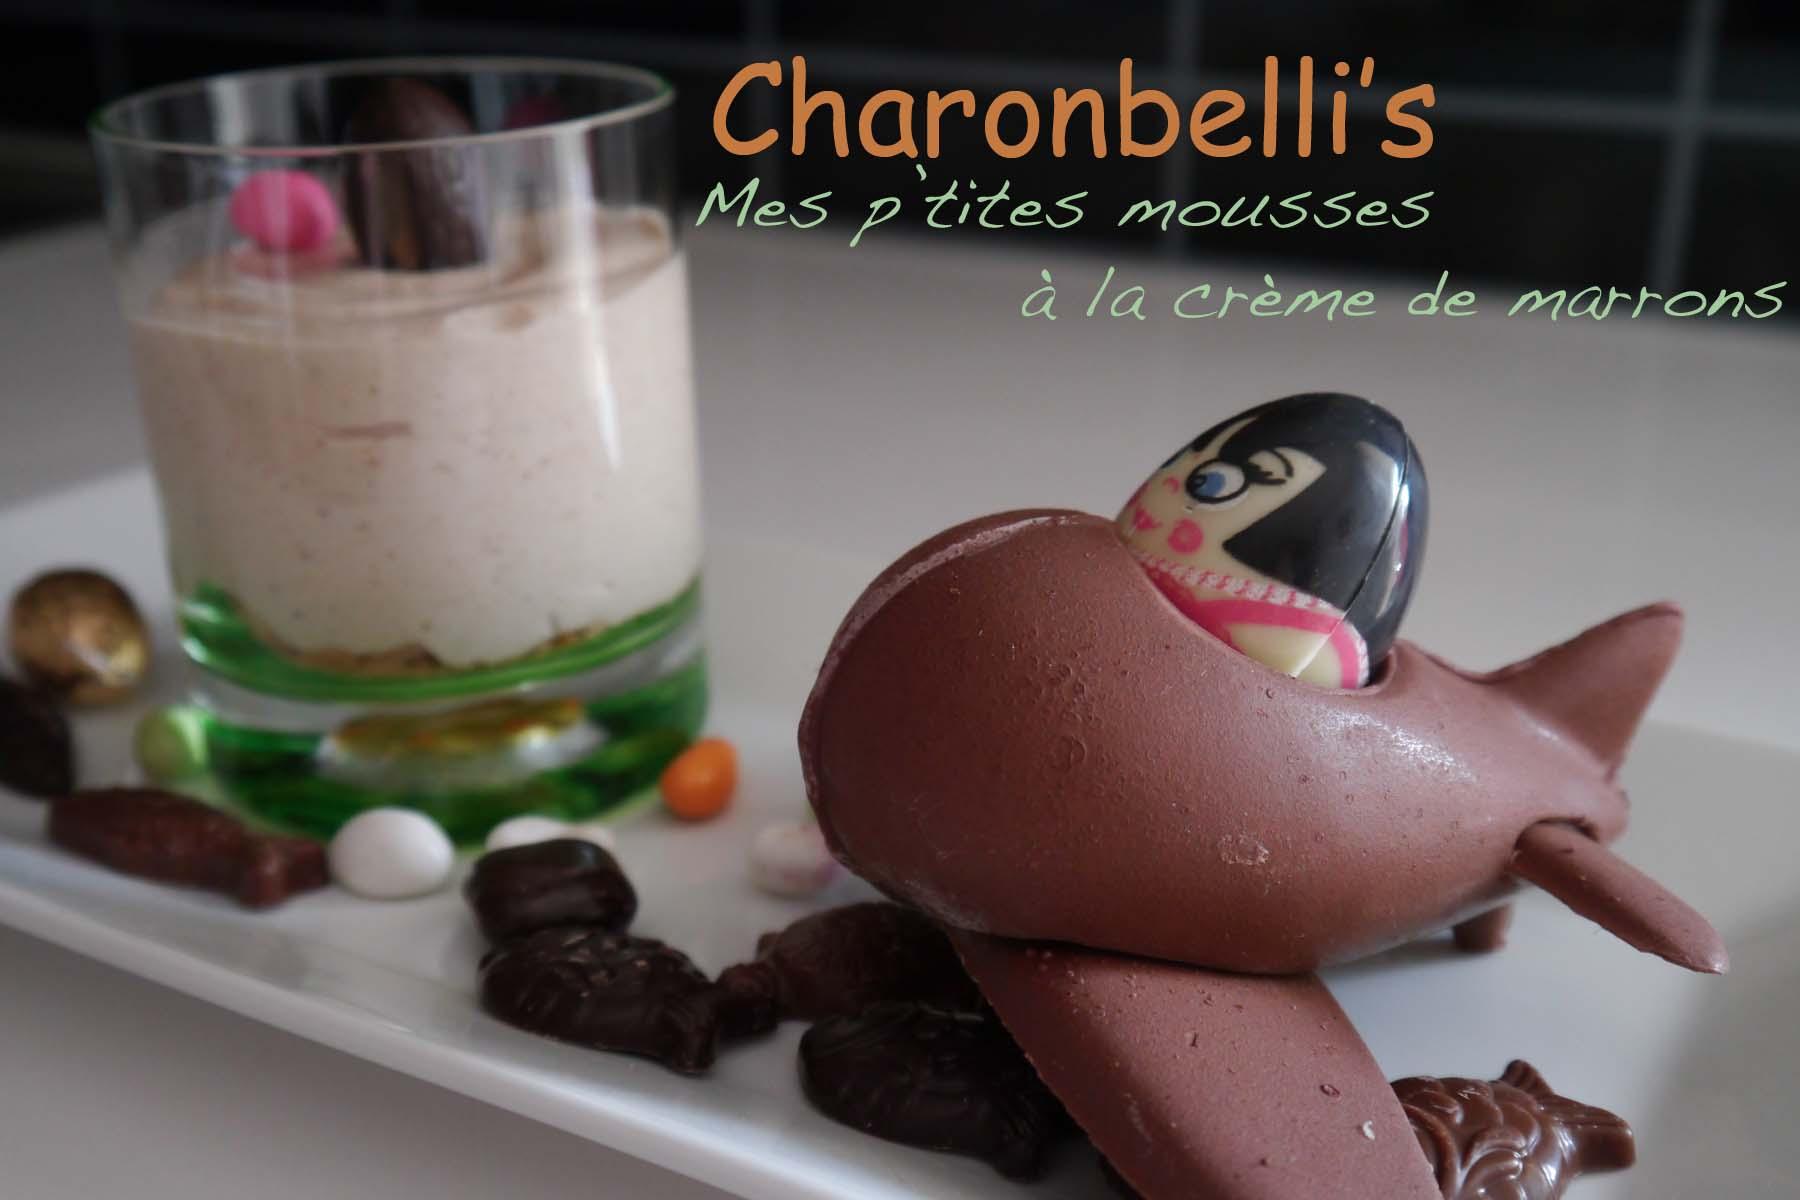 Mes p'tites mousses à la crème de marrons (2) - Charonbelli's blog de cuisine